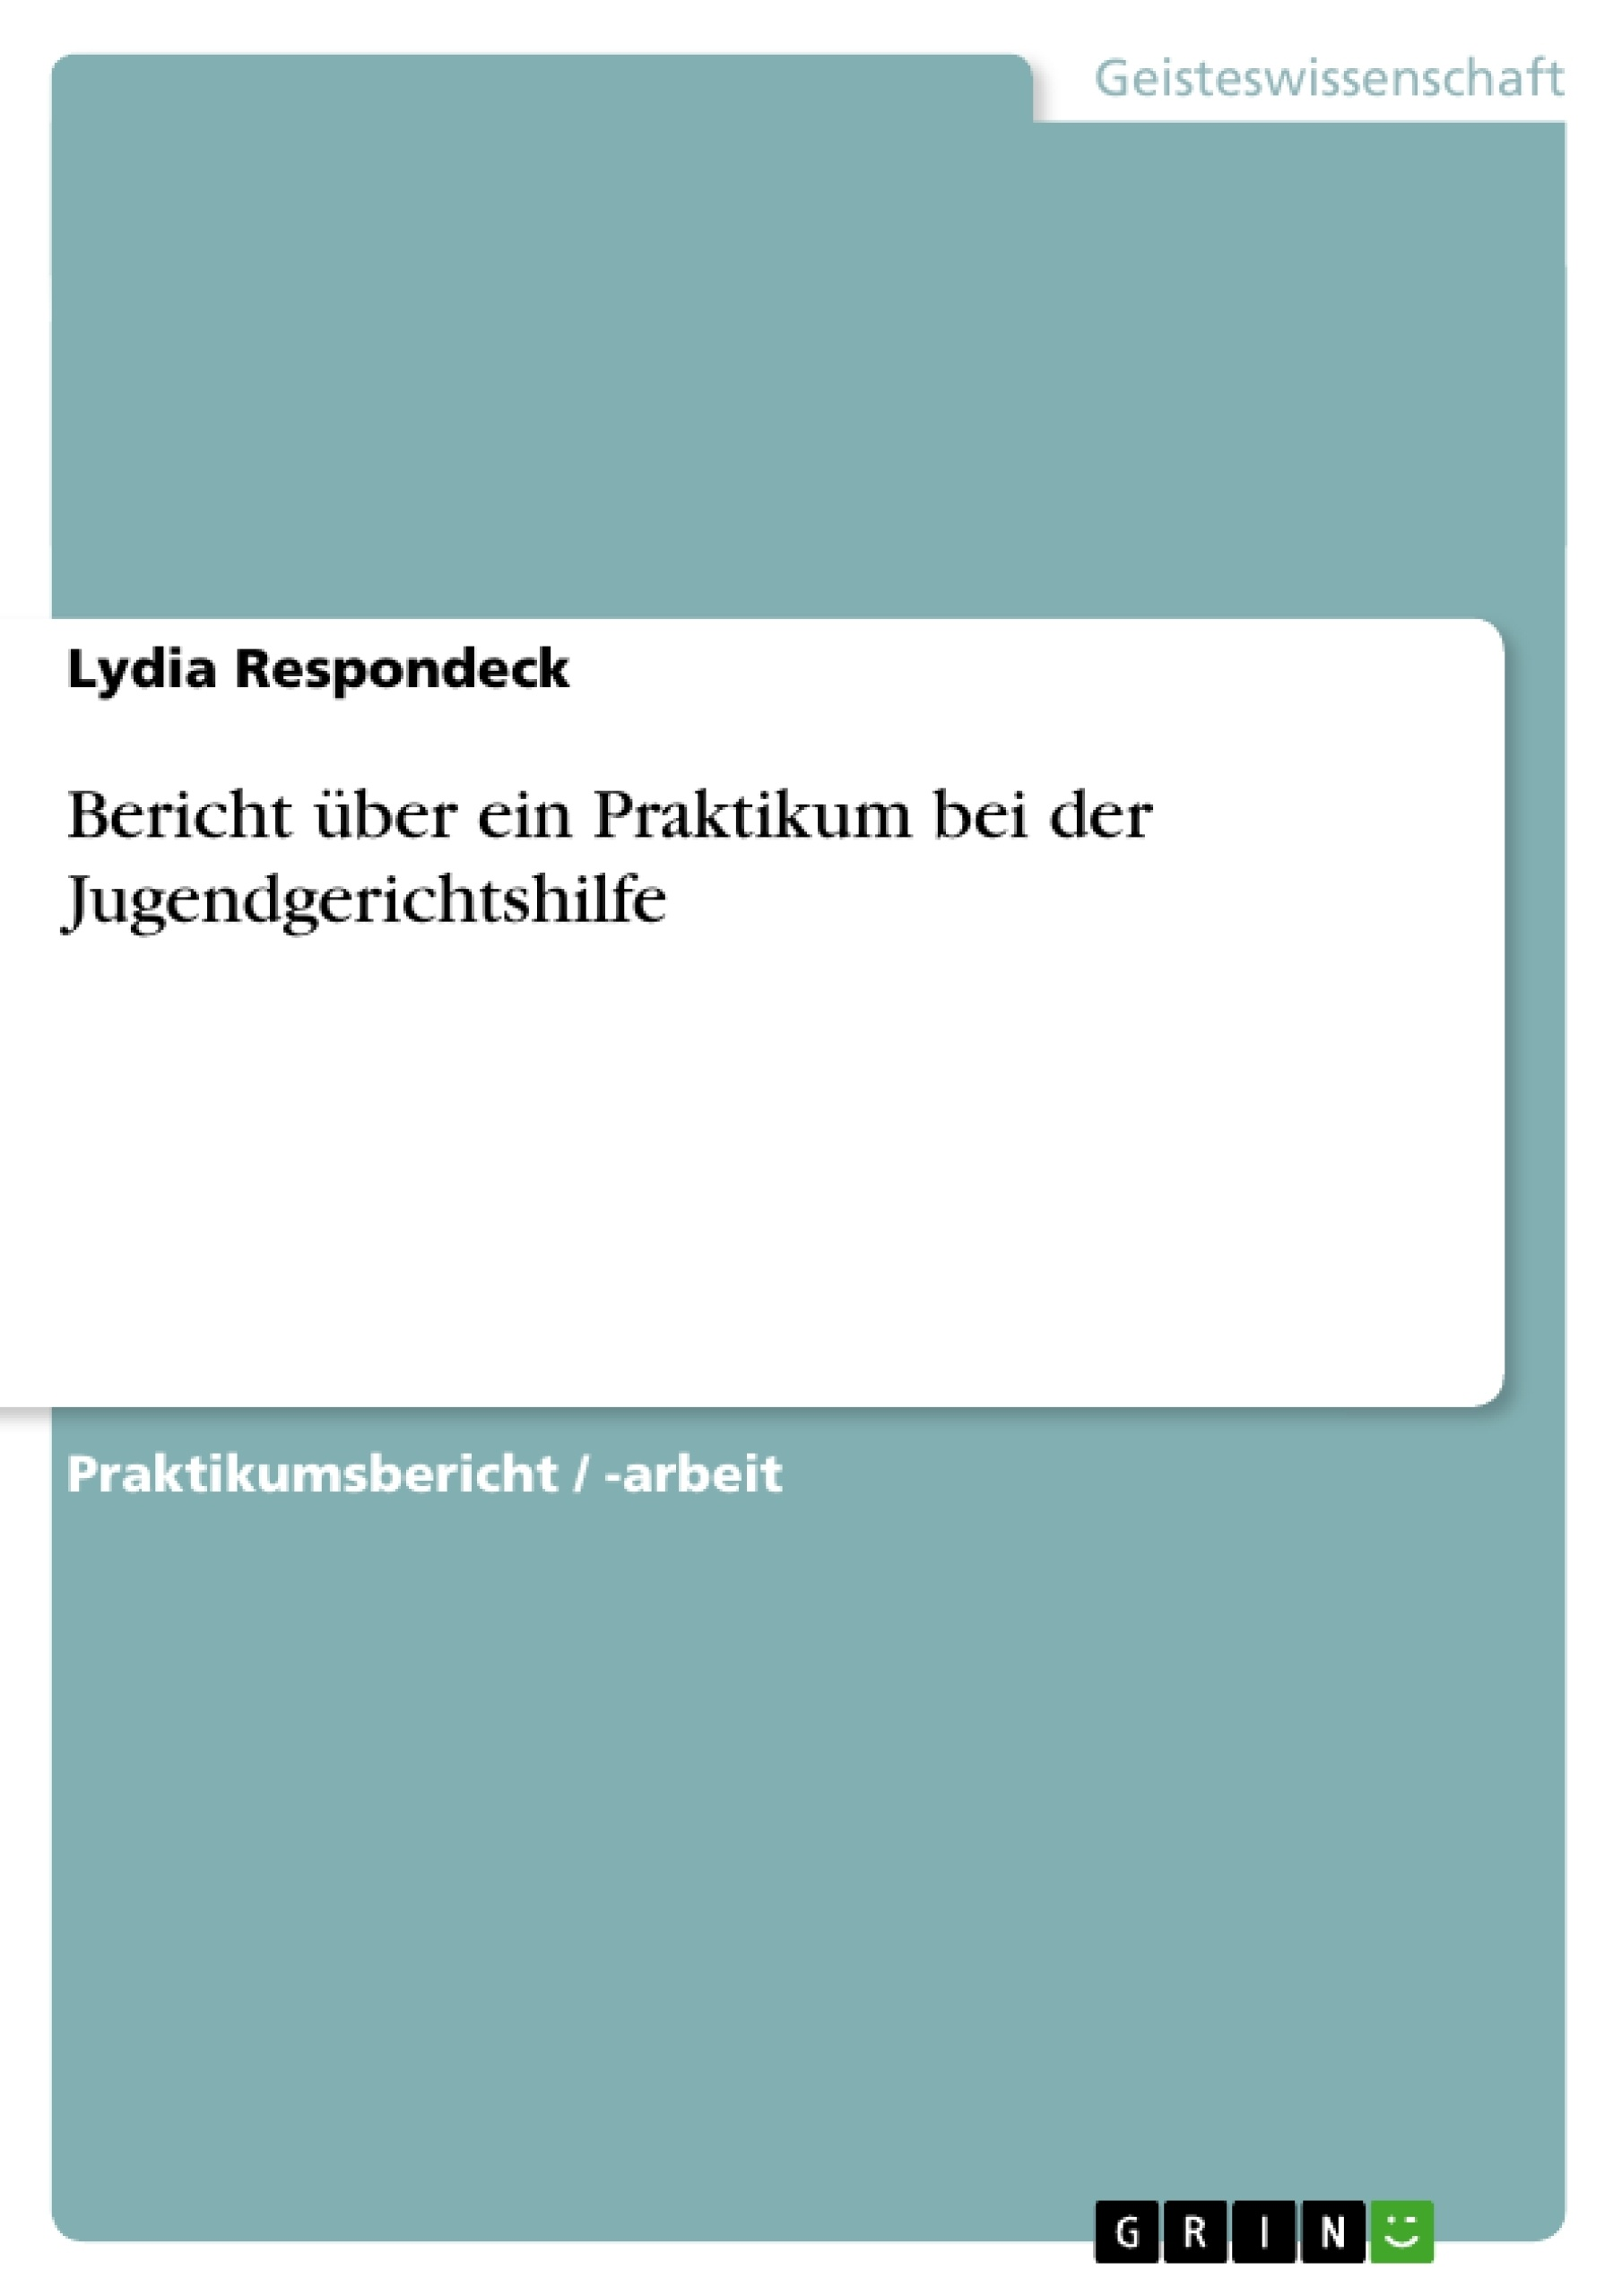 Titel: Bericht über ein Praktikum bei der Jugendgerichtshilfe